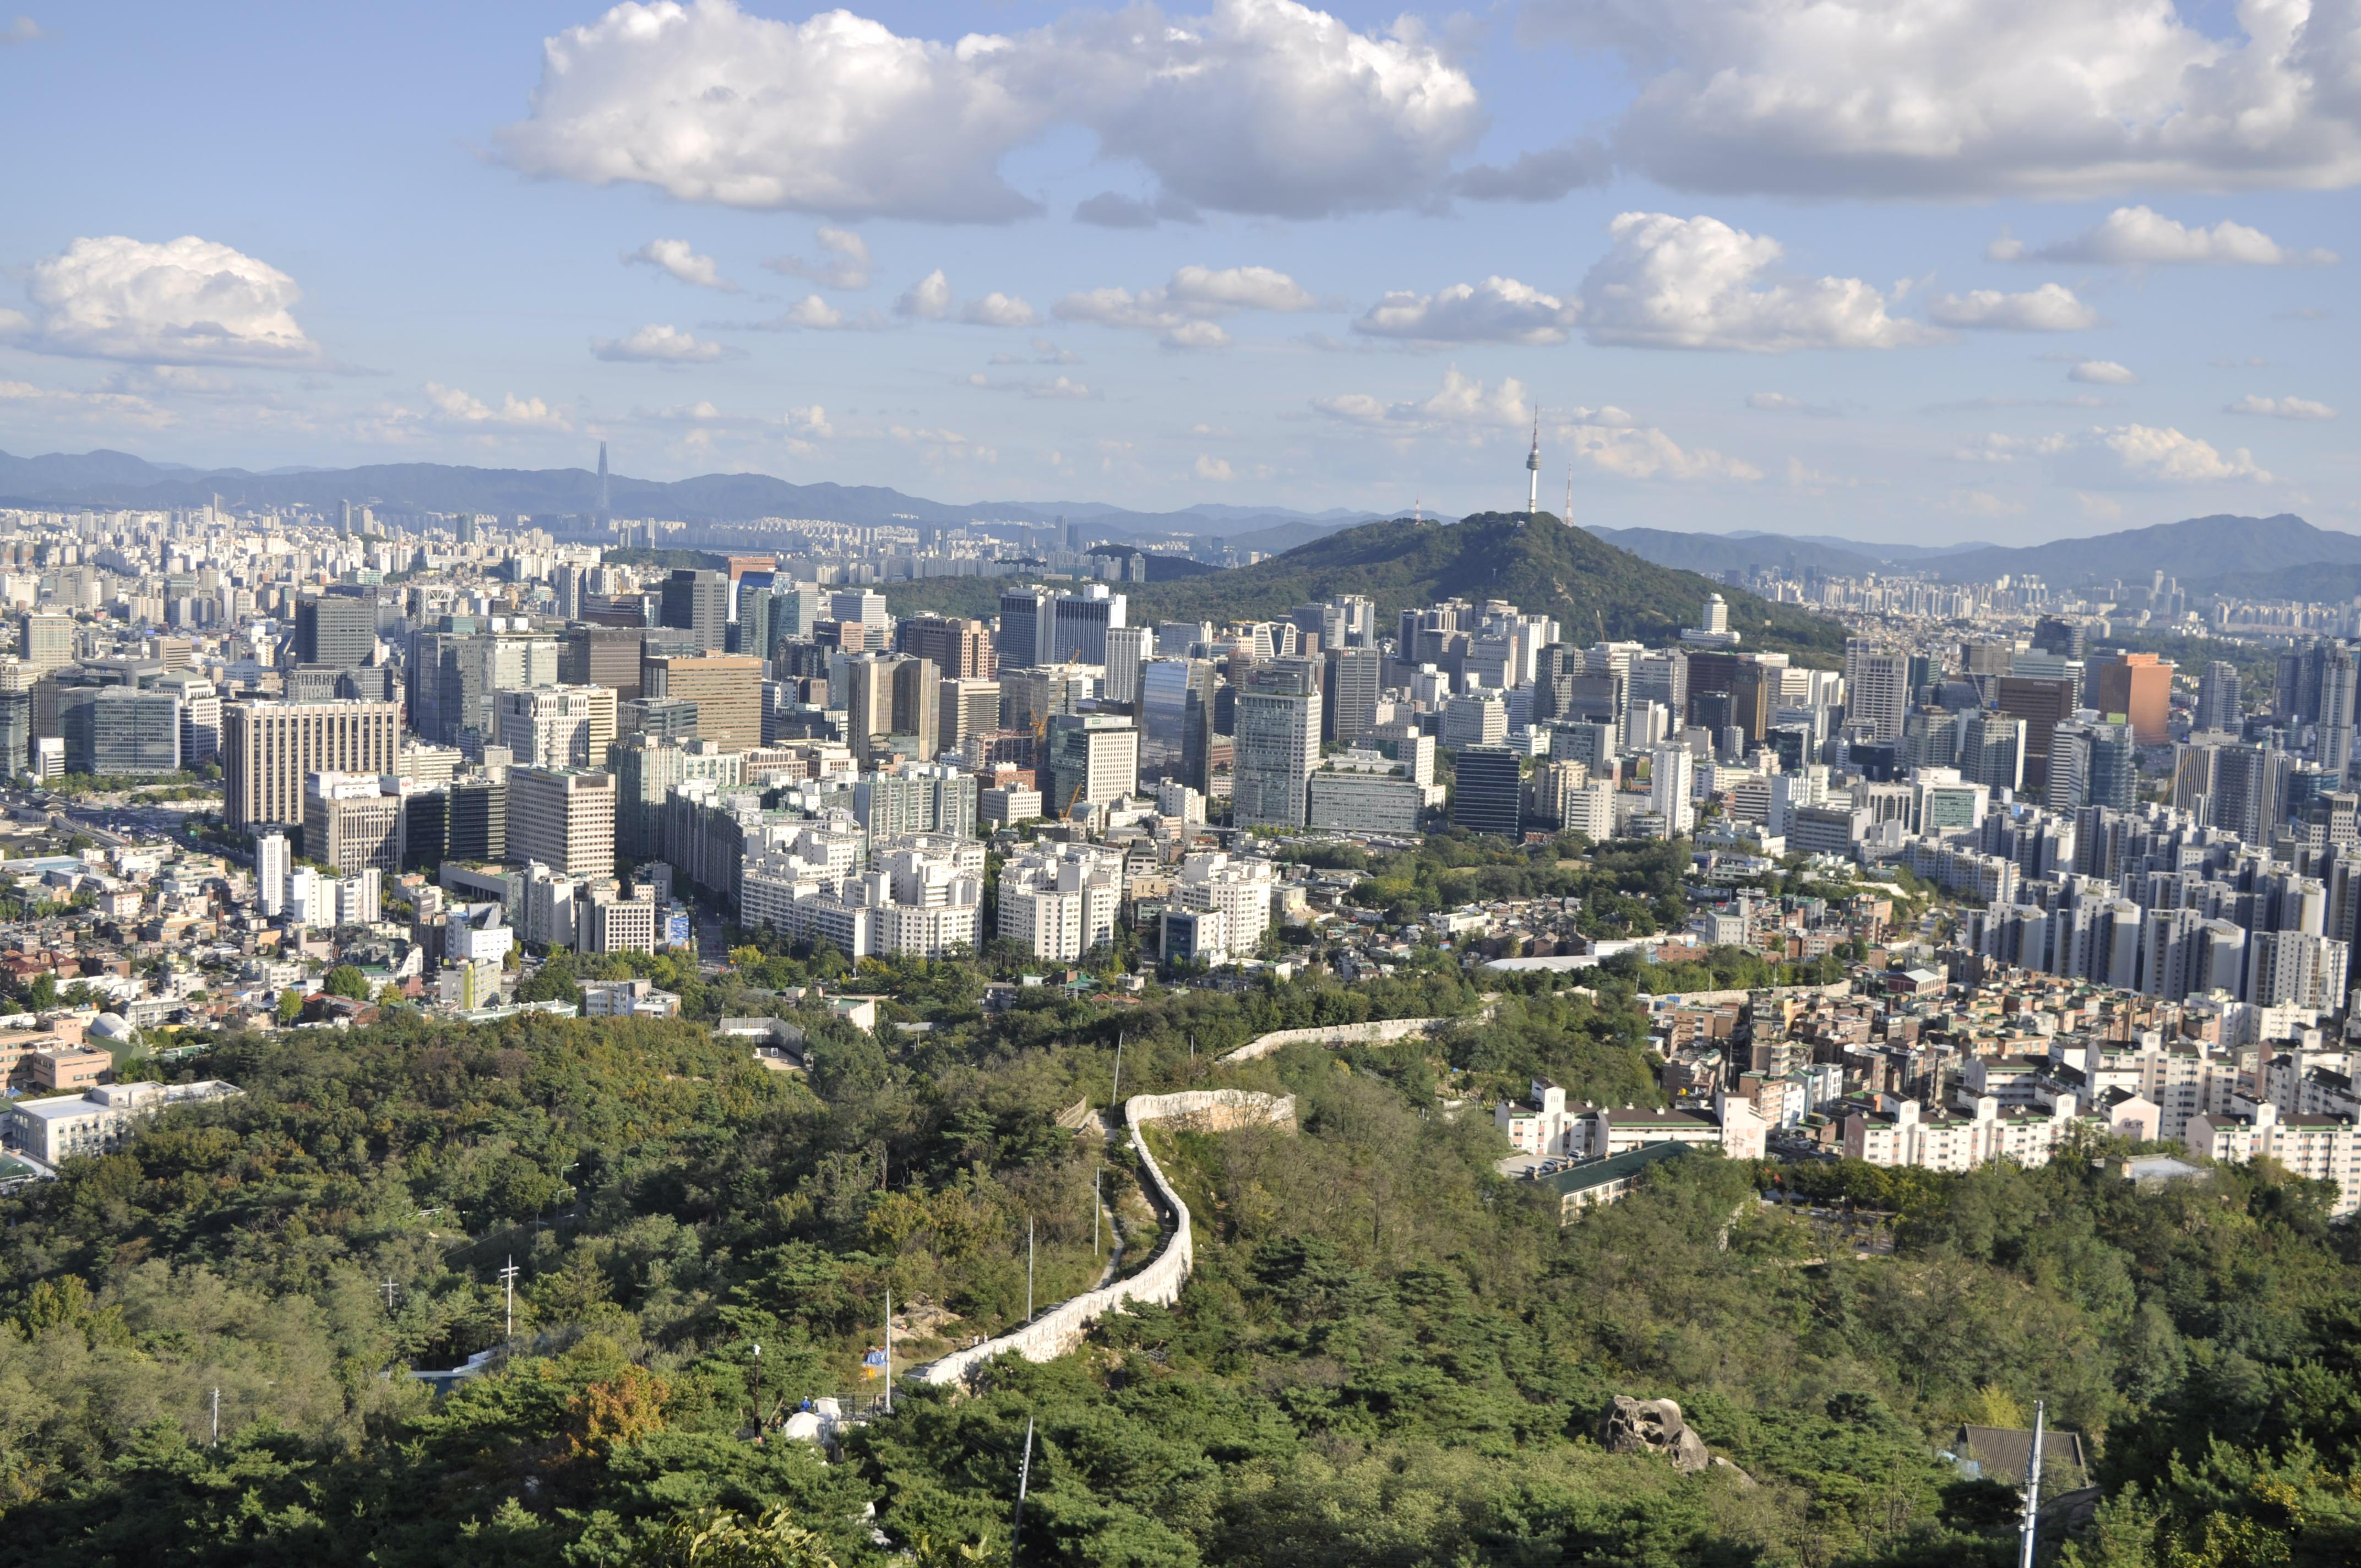 сЕУЛ Тем временем в Сеуле: о переезде украинской семьи в Южную Корею DSC0189